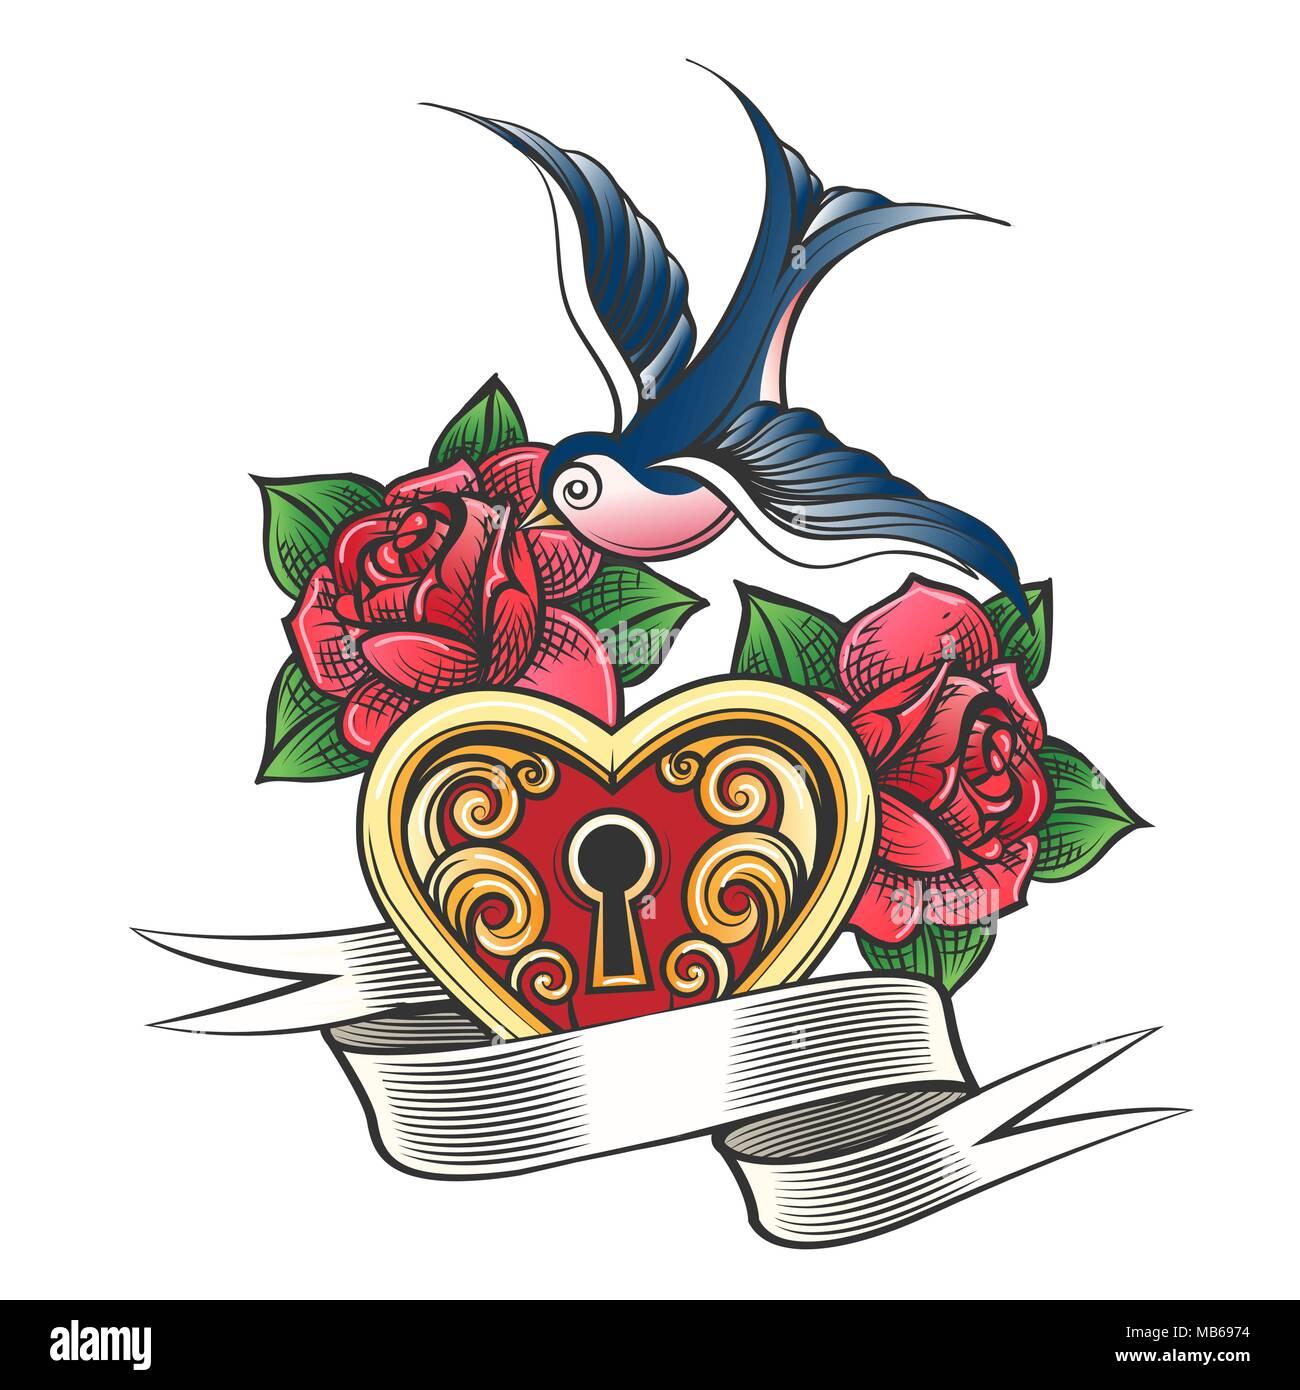 Bloquer En Forme De Cœur Avec Hirondelle Rose Des Fleurs Et Une